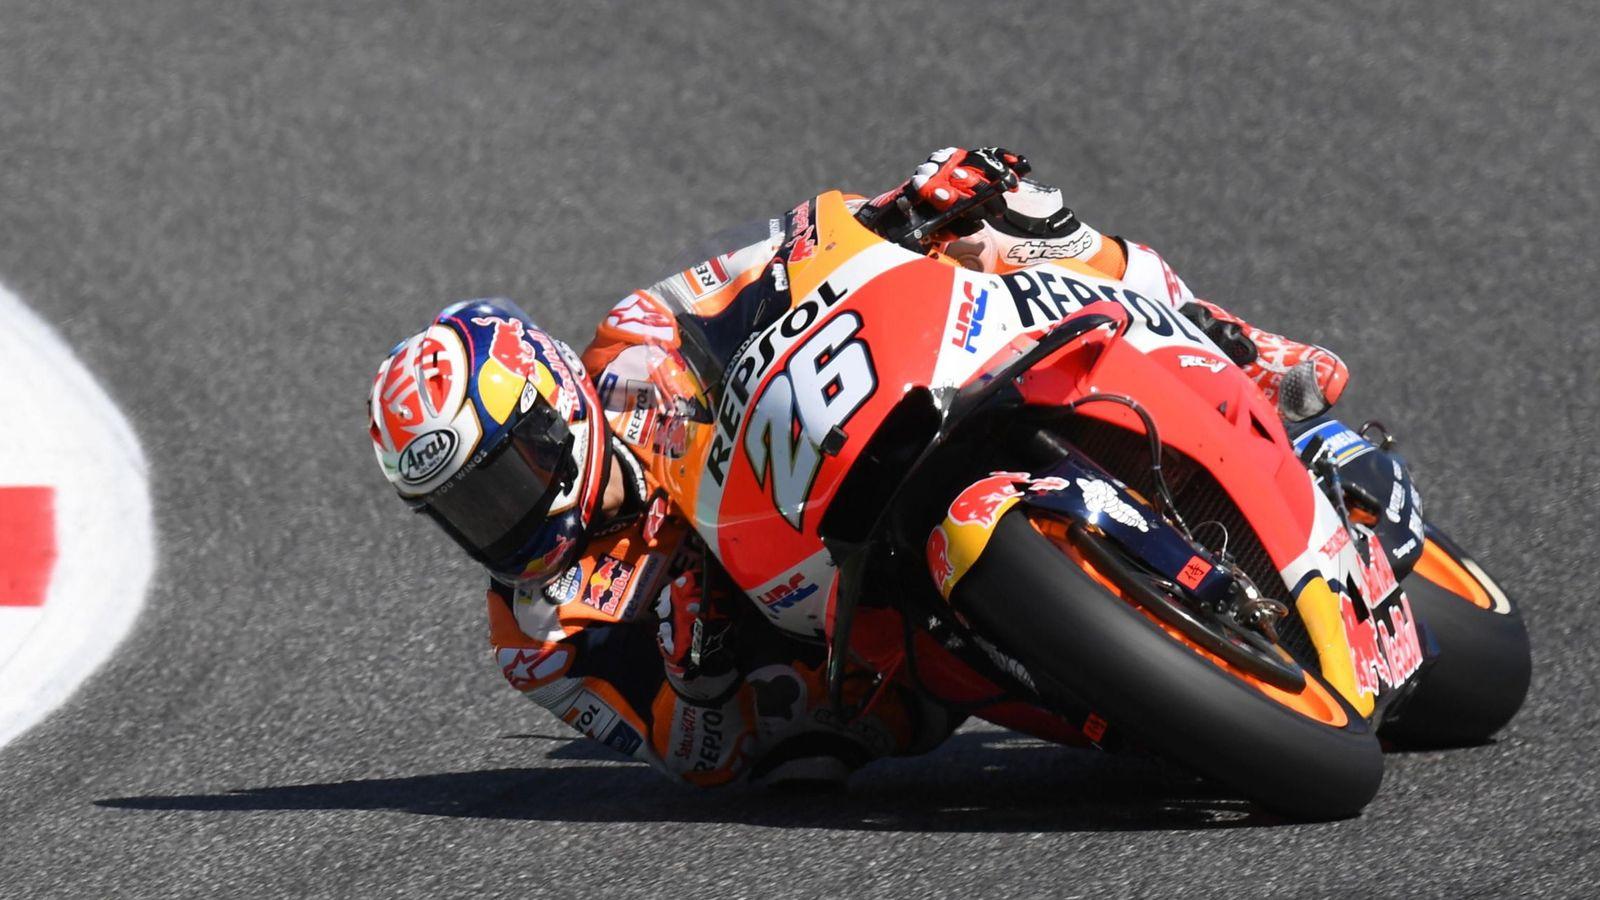 Foto: Dani Pedrosa dejará pronto de defender estos colores en MotoGP. (EFE)